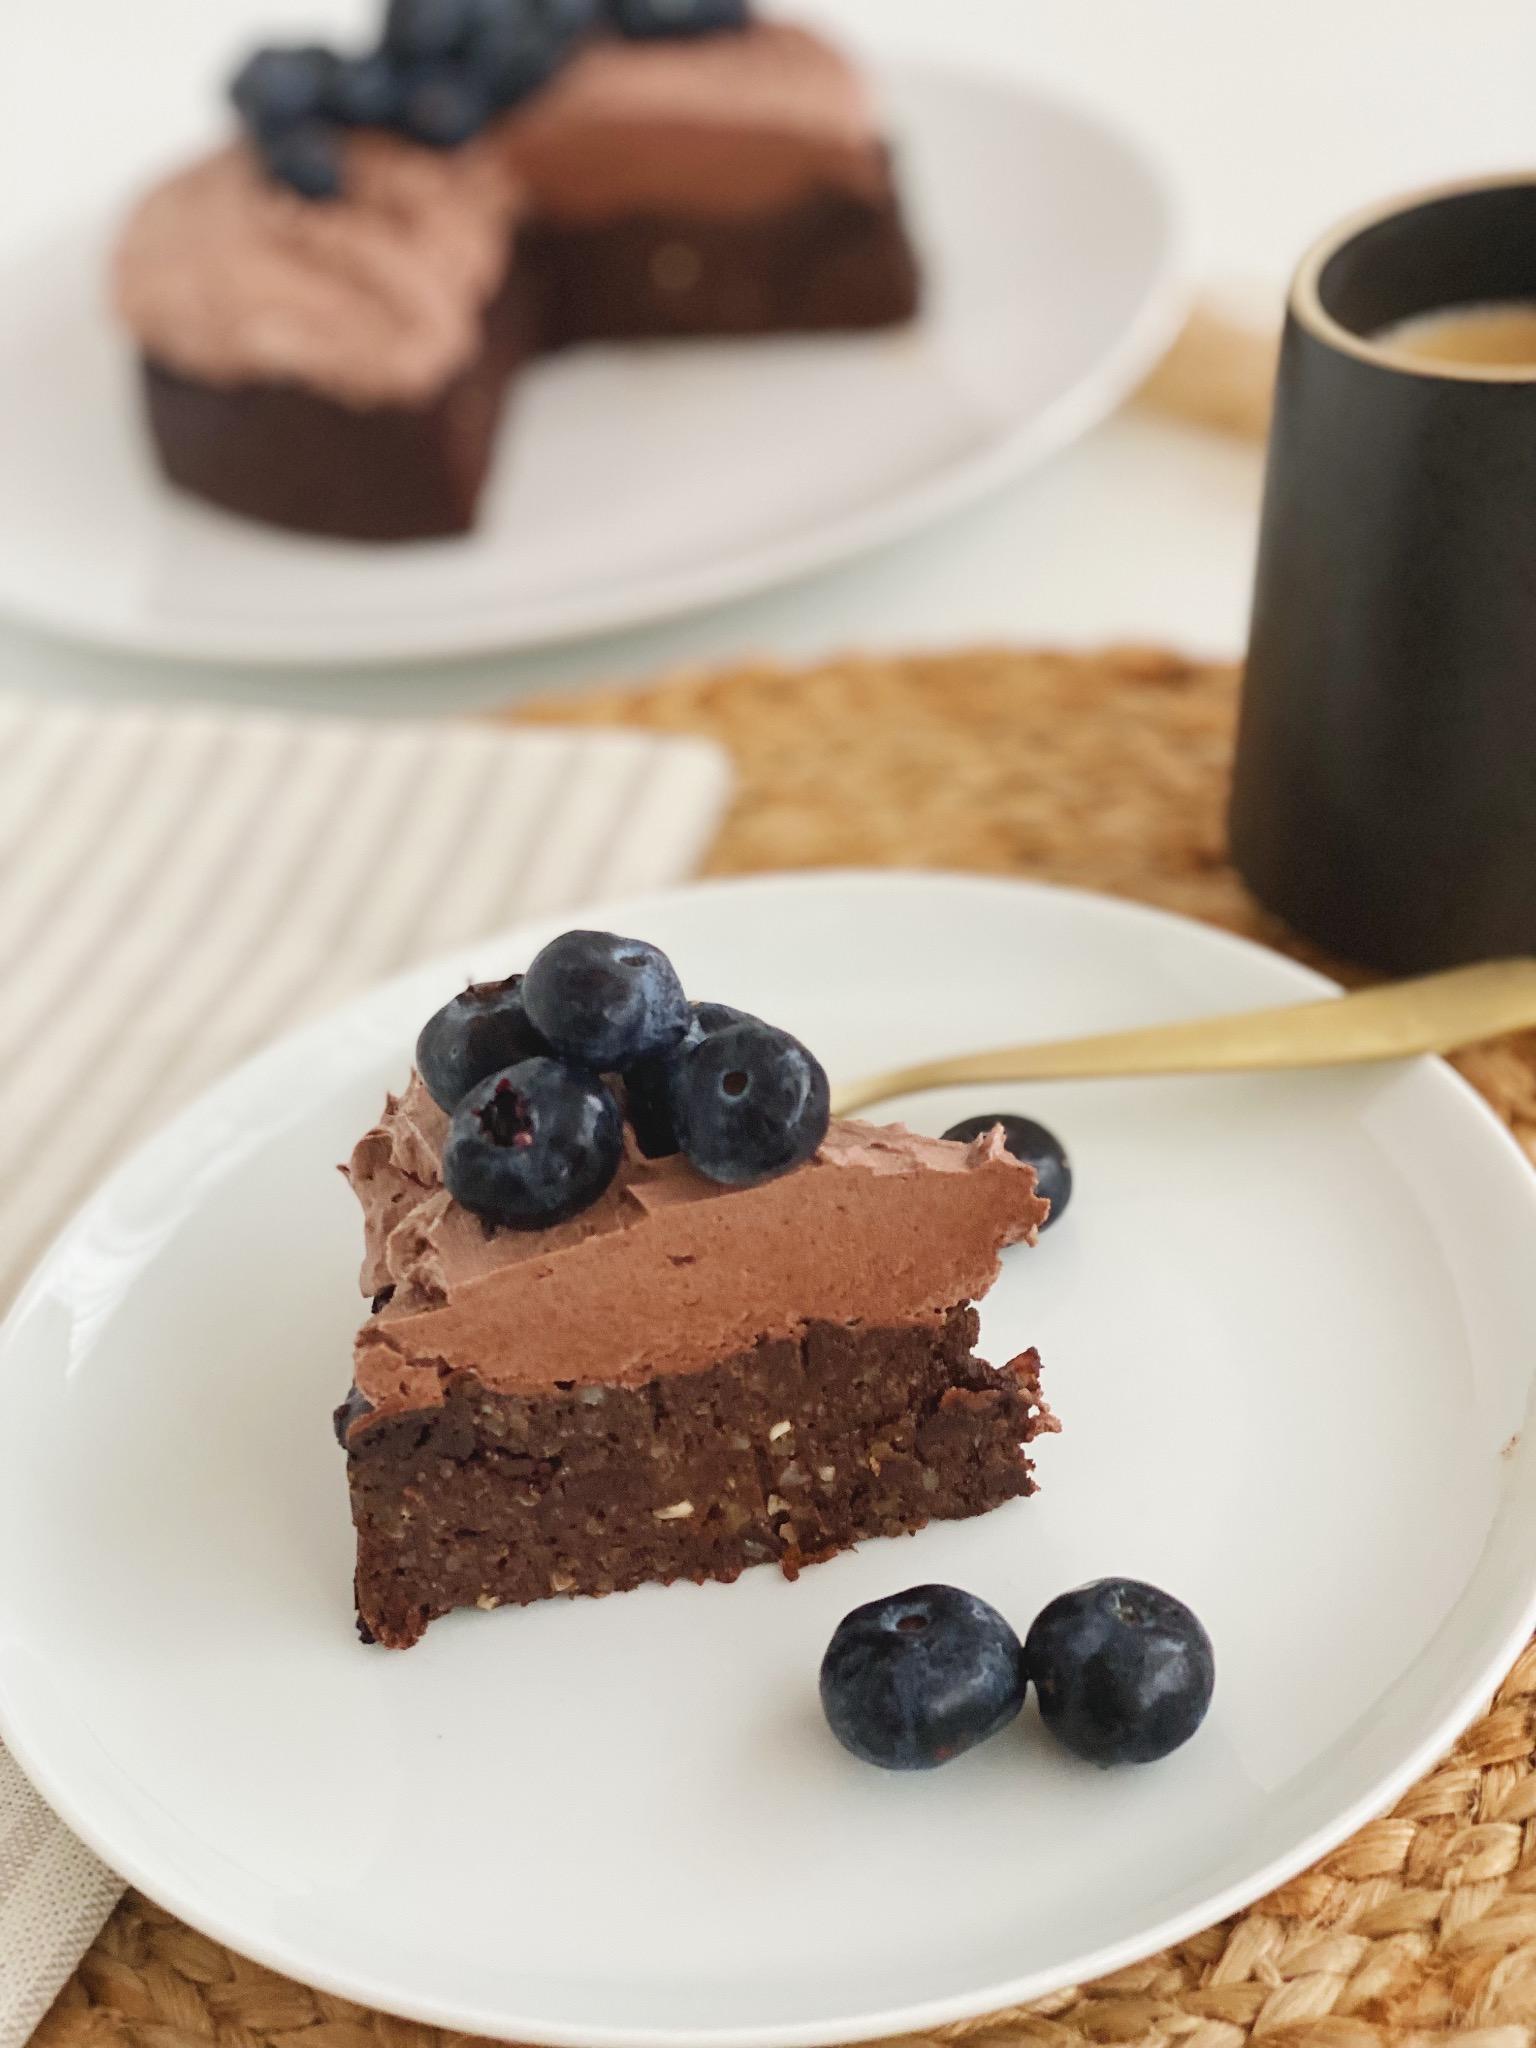 chokoladekage med avocado med kakaosmørcreme på toppen og pyntet med blåbær